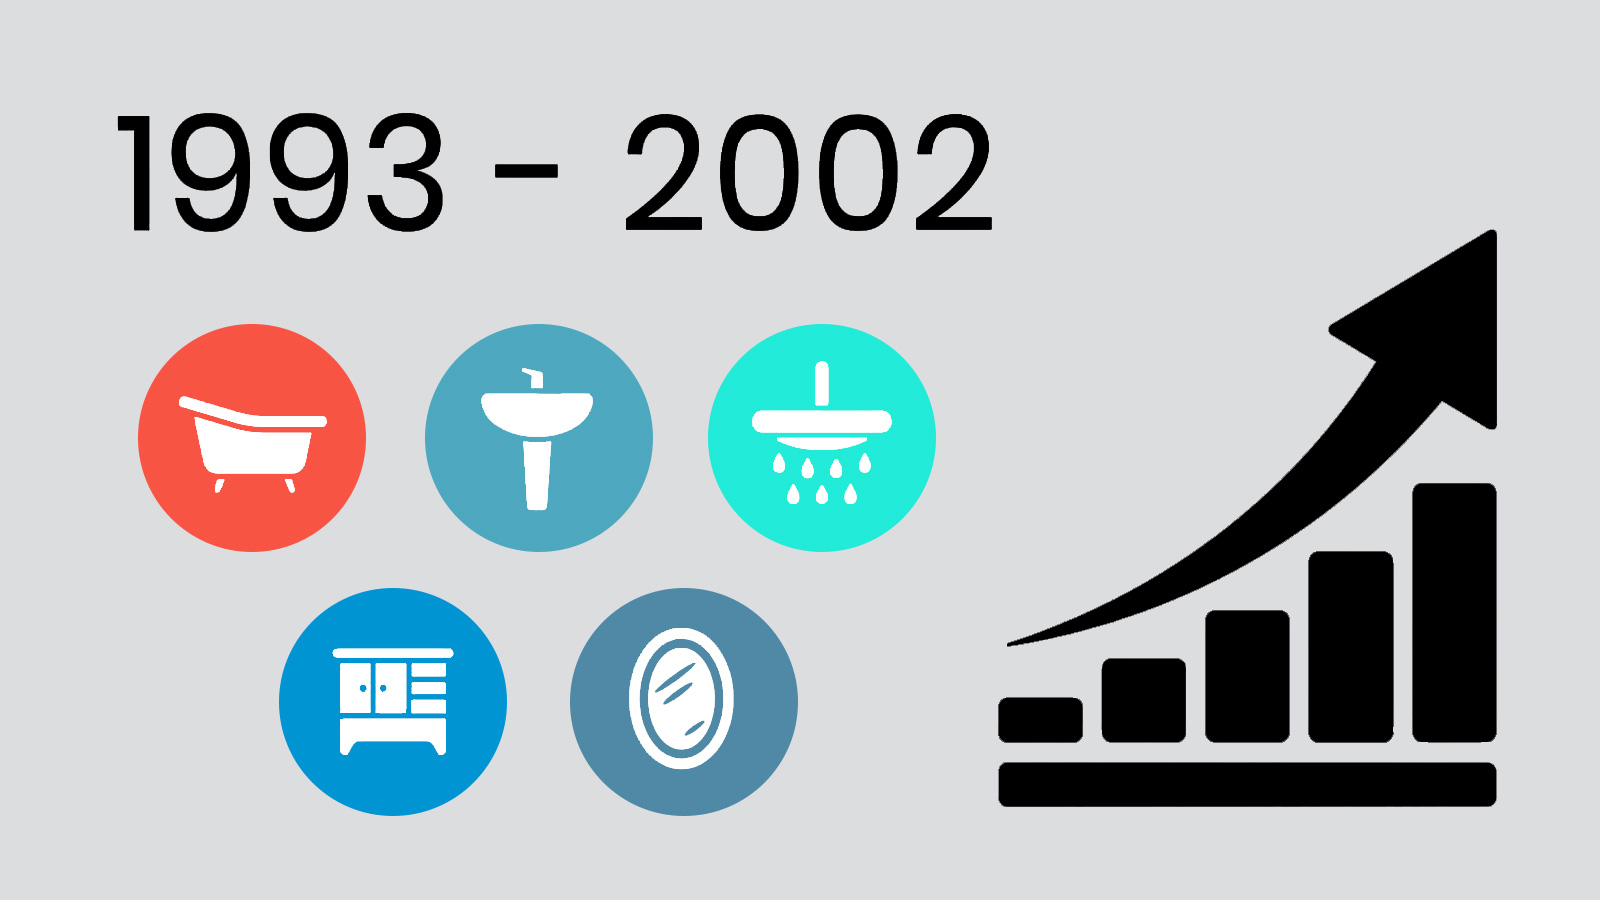 MAAX History 1993 - 2002